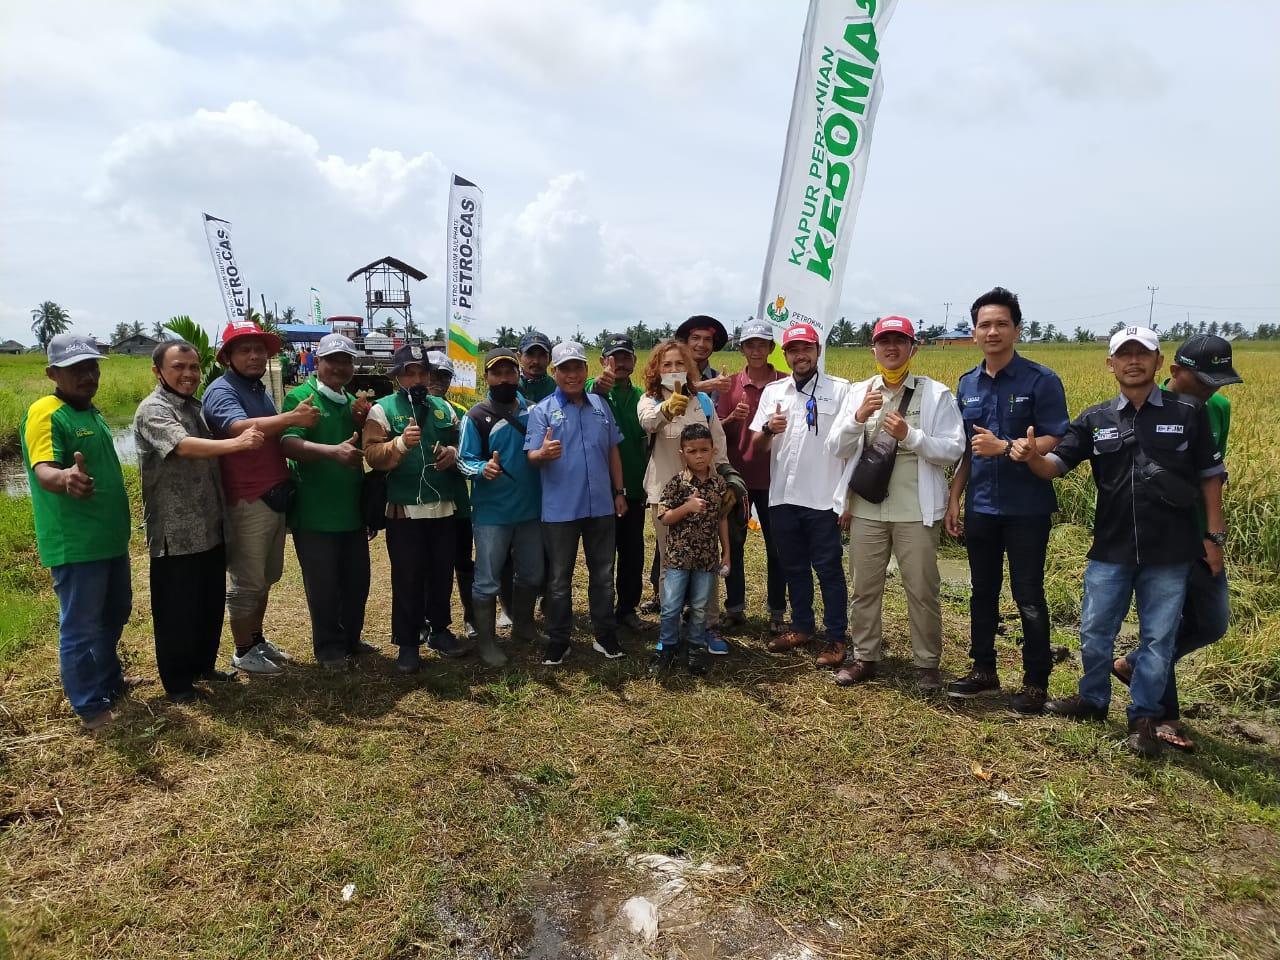 Cv. Kuala Raja Optimis Bisa Membantu Masyarakat Mendapatkan Hasil Produksi Panen Padi Memuaskan